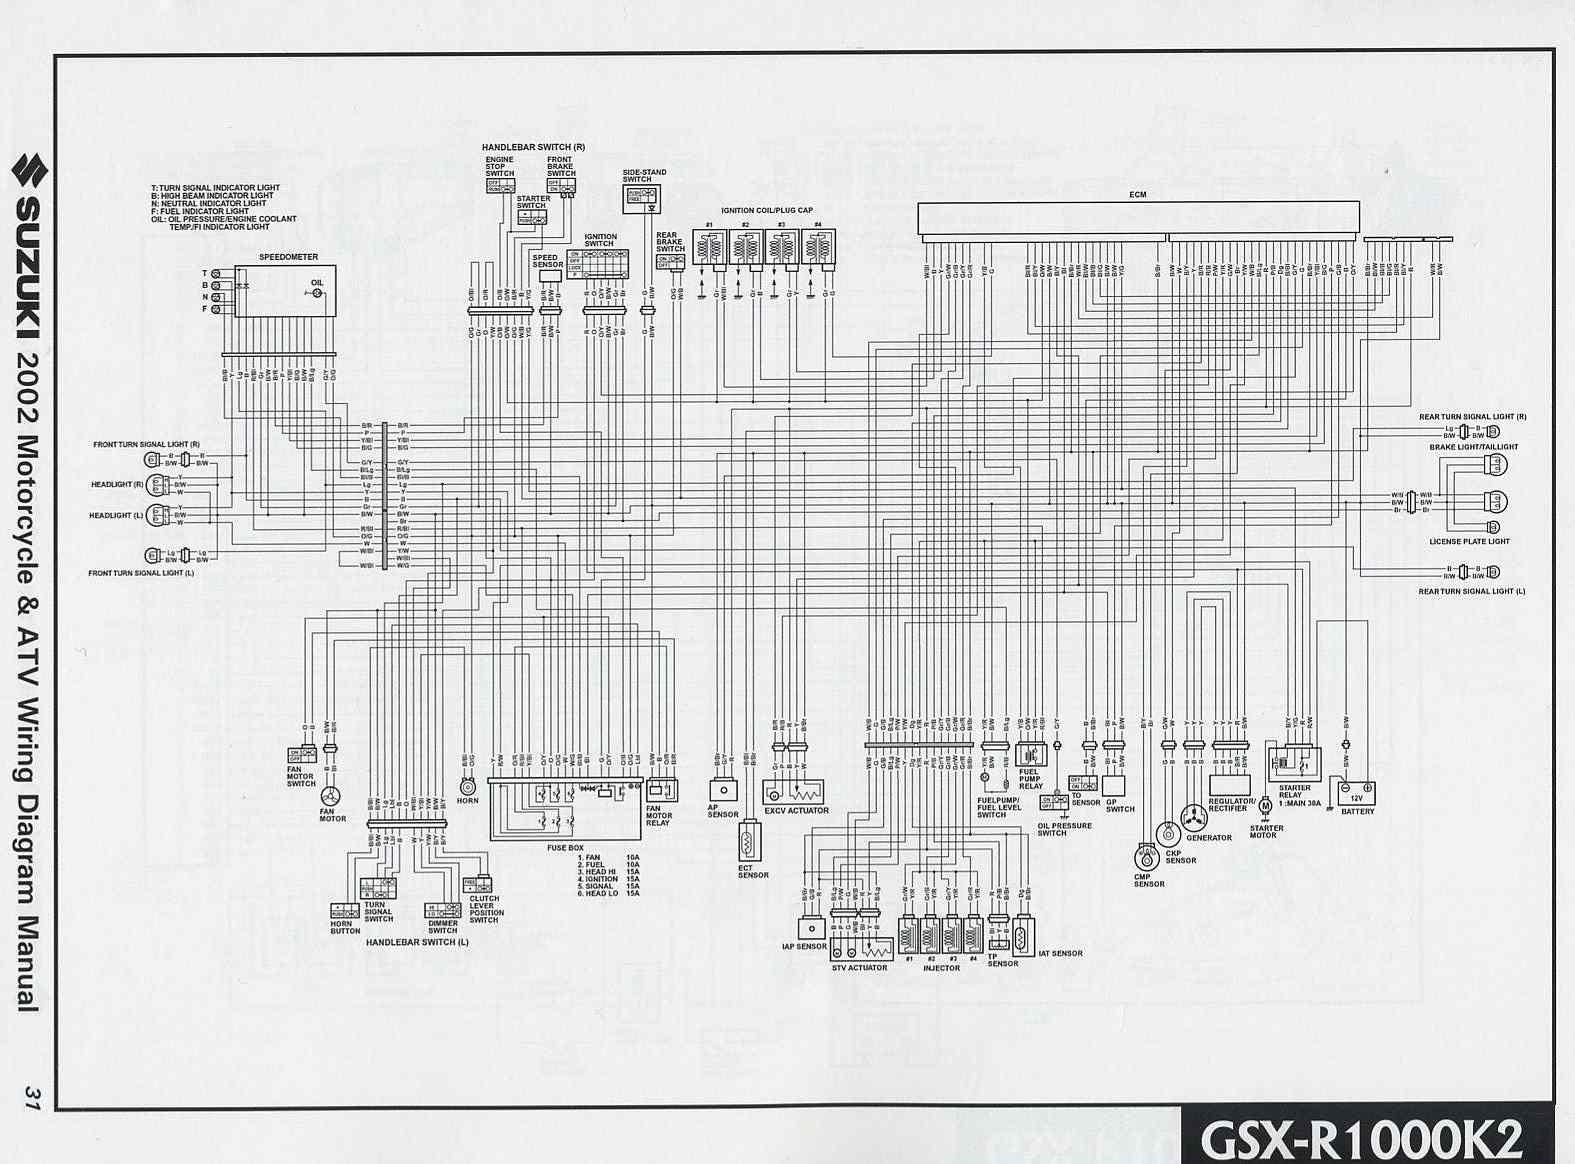 2003 gsxr 1000 wiring diagram wiring diagram schema blog